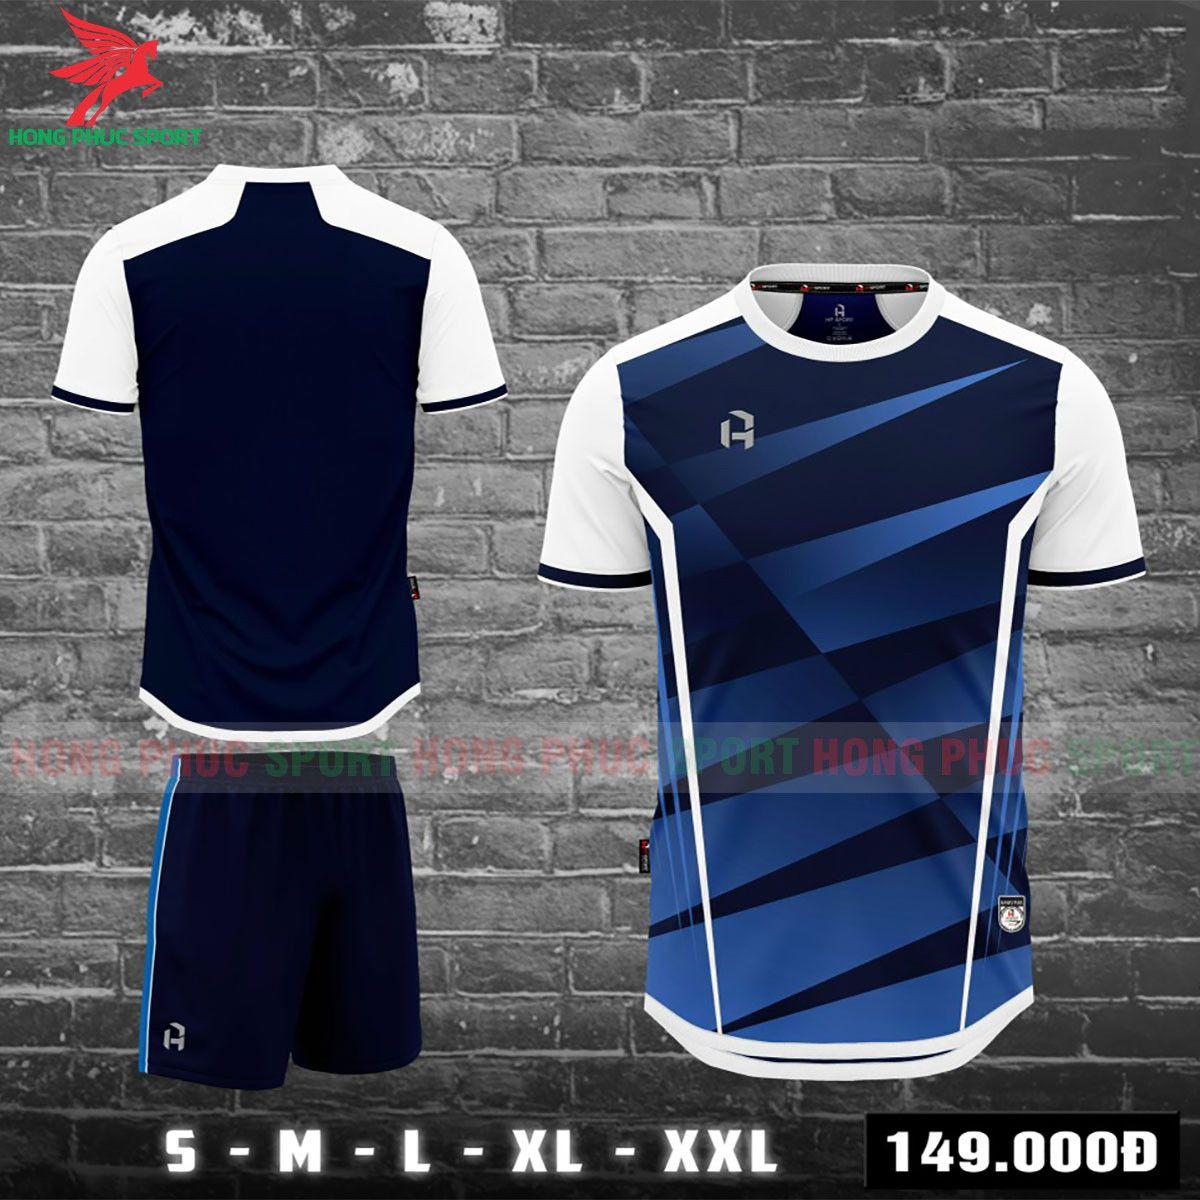 https://cdn.hongphucsport.com/unsafe/s4.shopbay.vn/files/285/ao-bong-da-khong-logo-hp-sport-2021-bebotux-tim-than-60f530fbe41d8.jpg